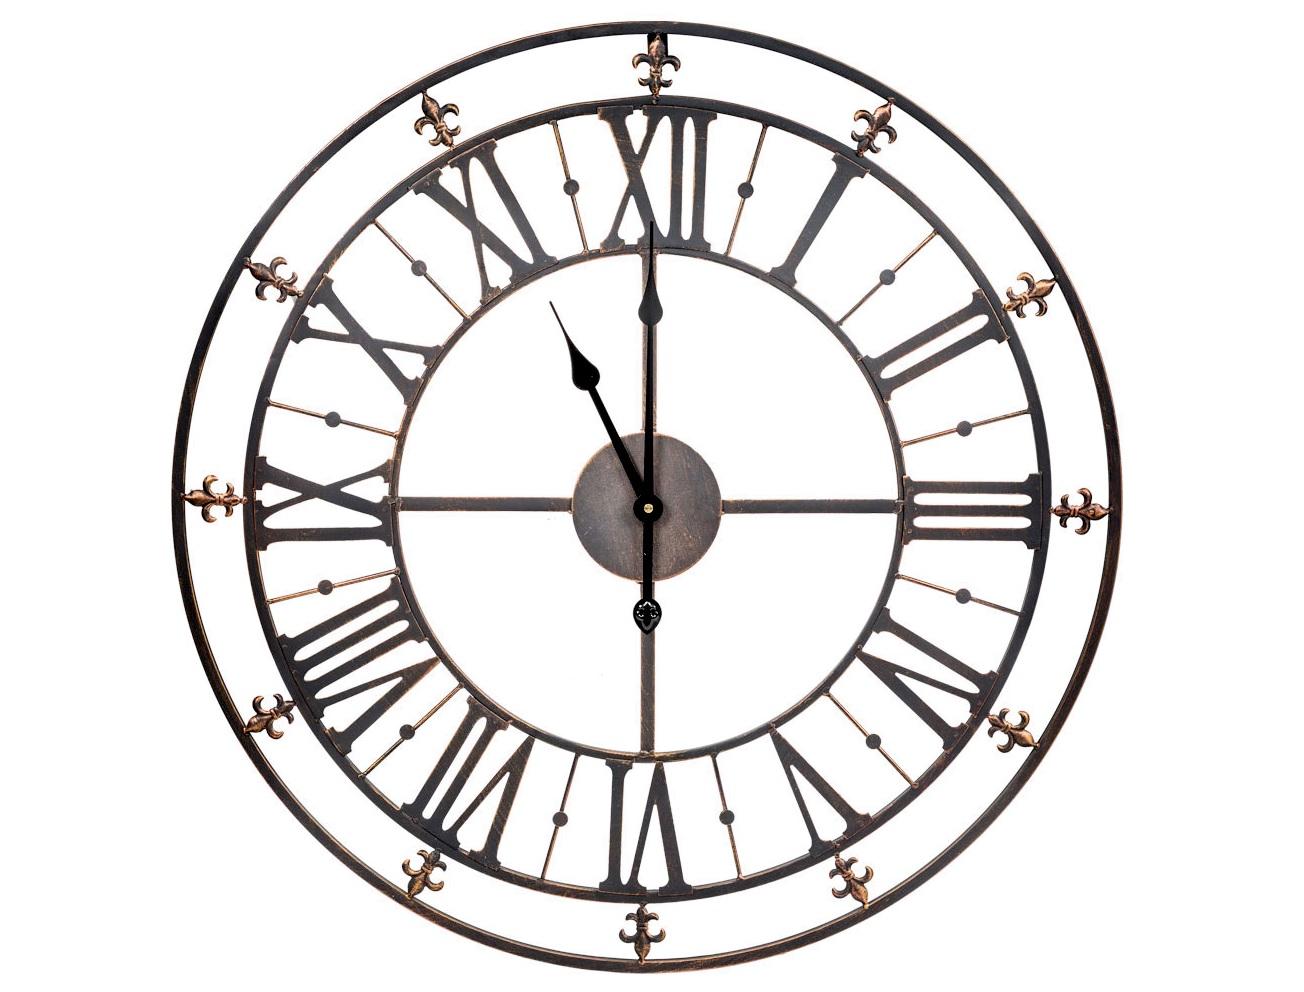 Настенные часы Иль-де-ФрансНастенные часы<br>Часы &amp;quot;Иль-де-Франс&amp;quot; - выбор престижных интерьеров &amp;quot;лофт&amp;quot; и &amp;quot;индастриал&amp;quot;, почетный гость стилей &amp;quot;модерн&amp;quot; и &amp;quot;ар-деко&amp;quot;. Иль-де-Франс - главная провинция Франции, столицей которой и является город Париж. Именно Иль-де-Франс стал исторической родиной готики - эталона архитектурной симметрии, синонима изящества и грации.  Готический циферблат c XVI века и по сей день являет эталон часового дизайна.&amp;lt;div&amp;gt;&amp;lt;br&amp;gt;&amp;lt;/div&amp;gt;&amp;lt;div&amp;gt;Тип батарейки: LR14 C 1,5 В.&amp;lt;/div&amp;gt;&amp;lt;div&amp;gt;Необходимое количество батареек: 1 шт.&amp;lt;/div&amp;gt;&amp;lt;div&amp;gt;Батарейка в комплект не входит.&amp;lt;/div&amp;gt;<br><br>Material: Металл<br>Depth см: 3<br>Diameter см: 75